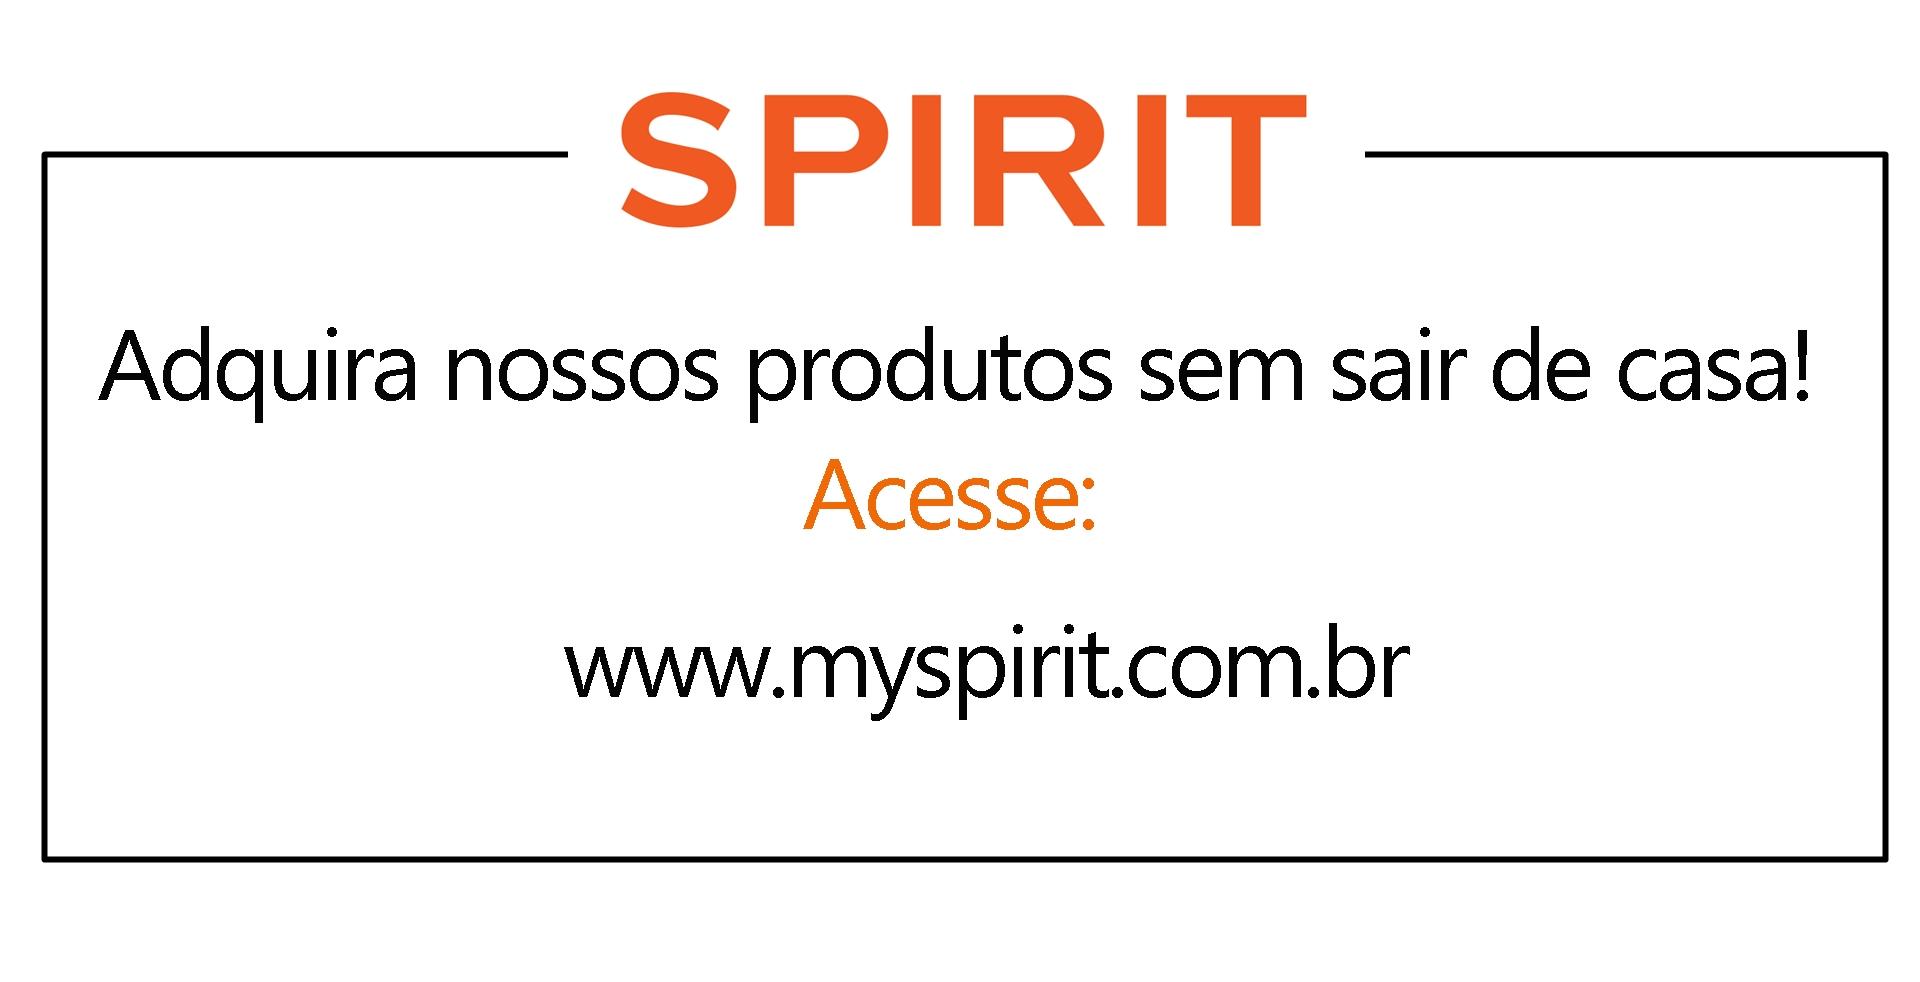 ventilador de teto Spirit - Blog Myspirit - banner site Spirit - CASA COR Rio 2017